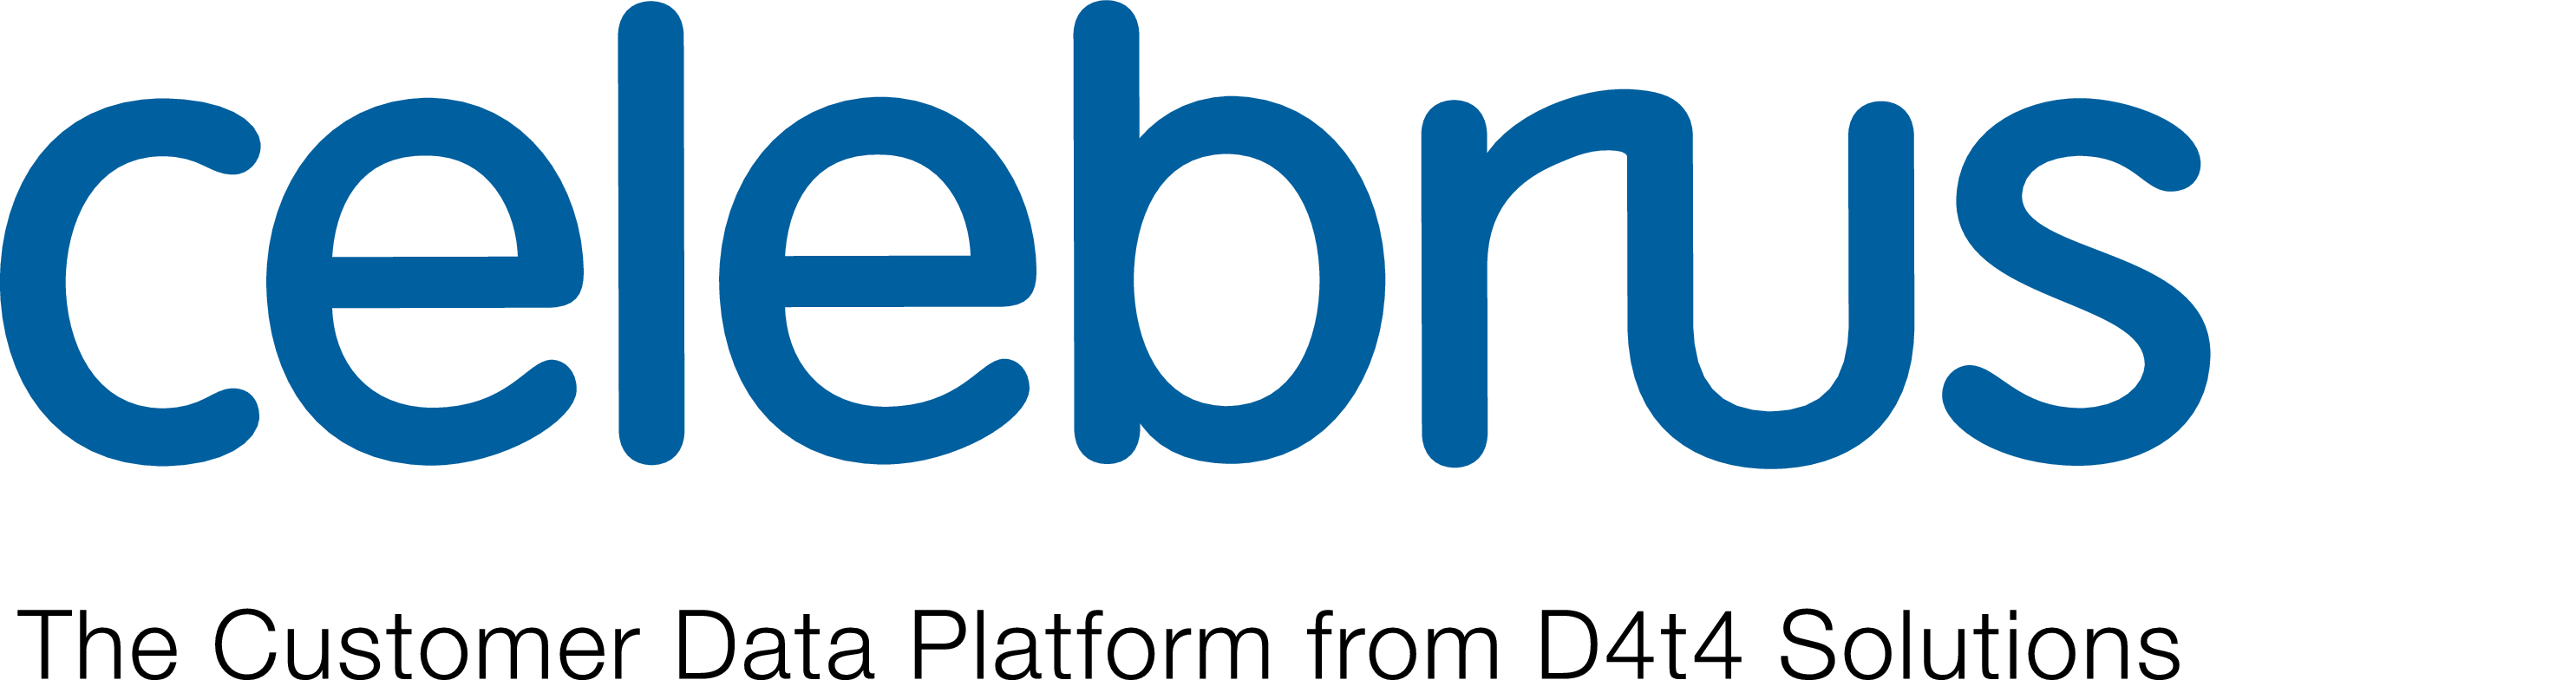 Celebrus logo FINAL